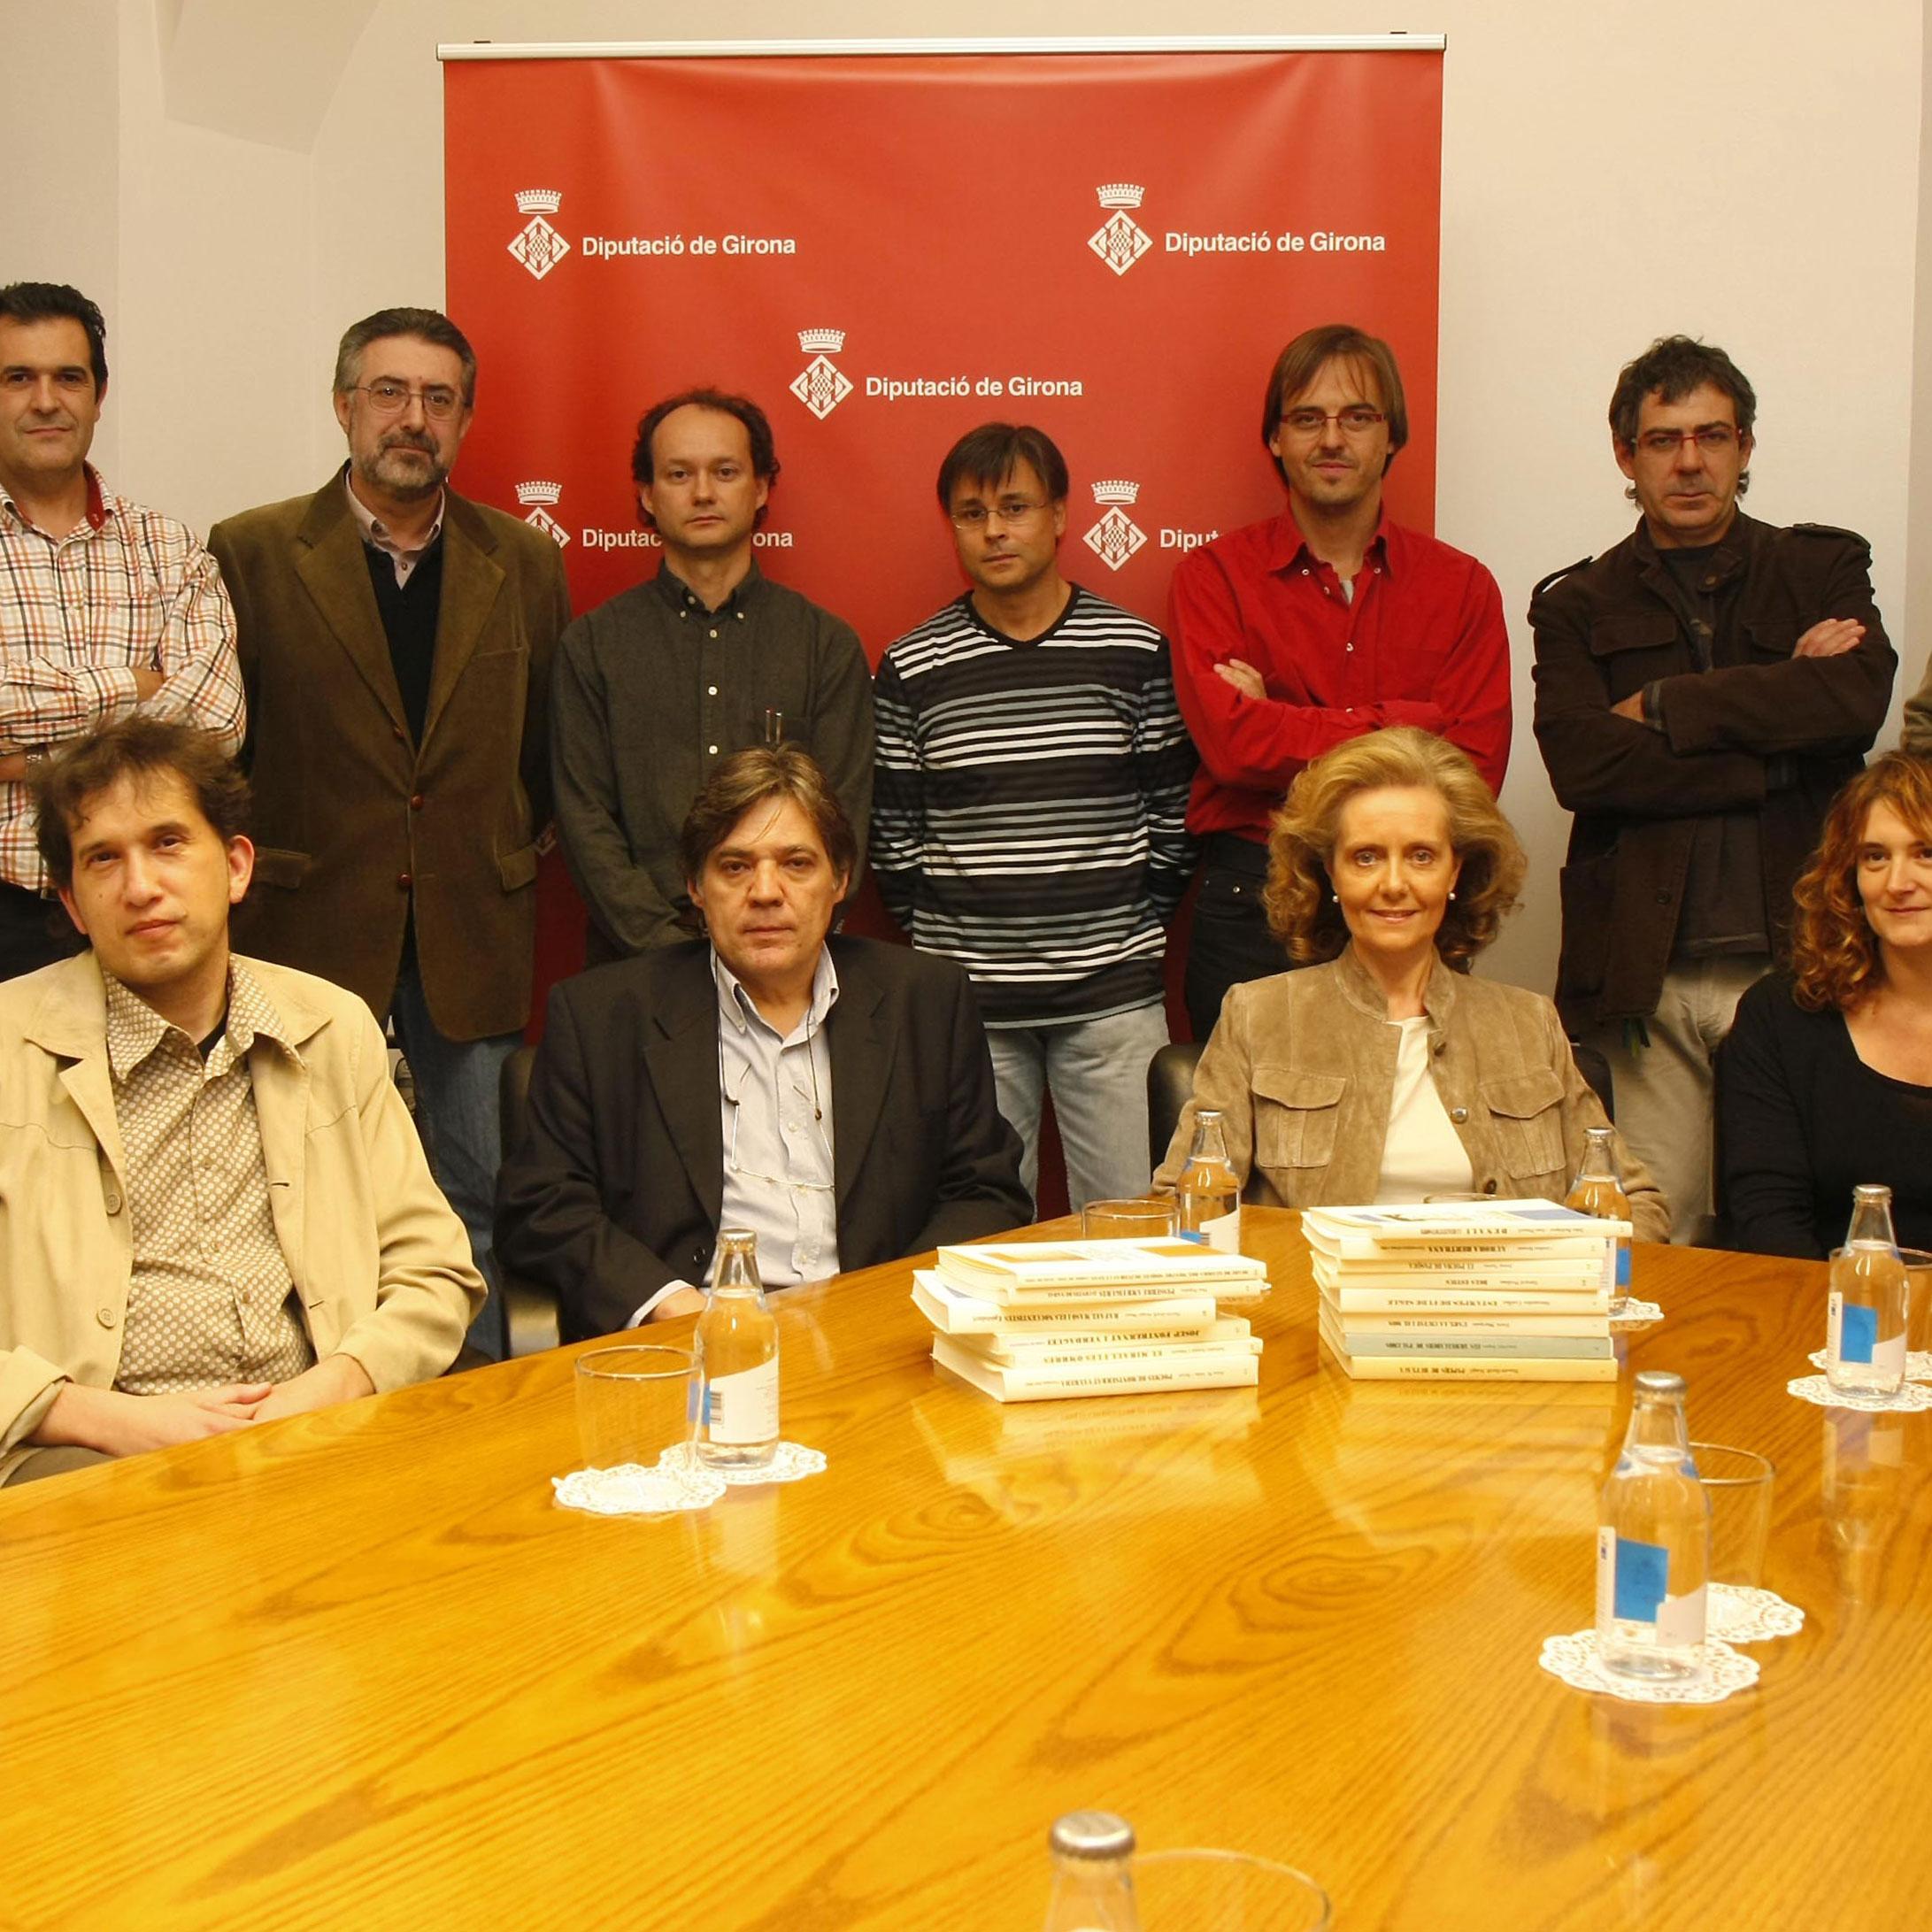 La col·lecció Josep Pla enceta nova etapa